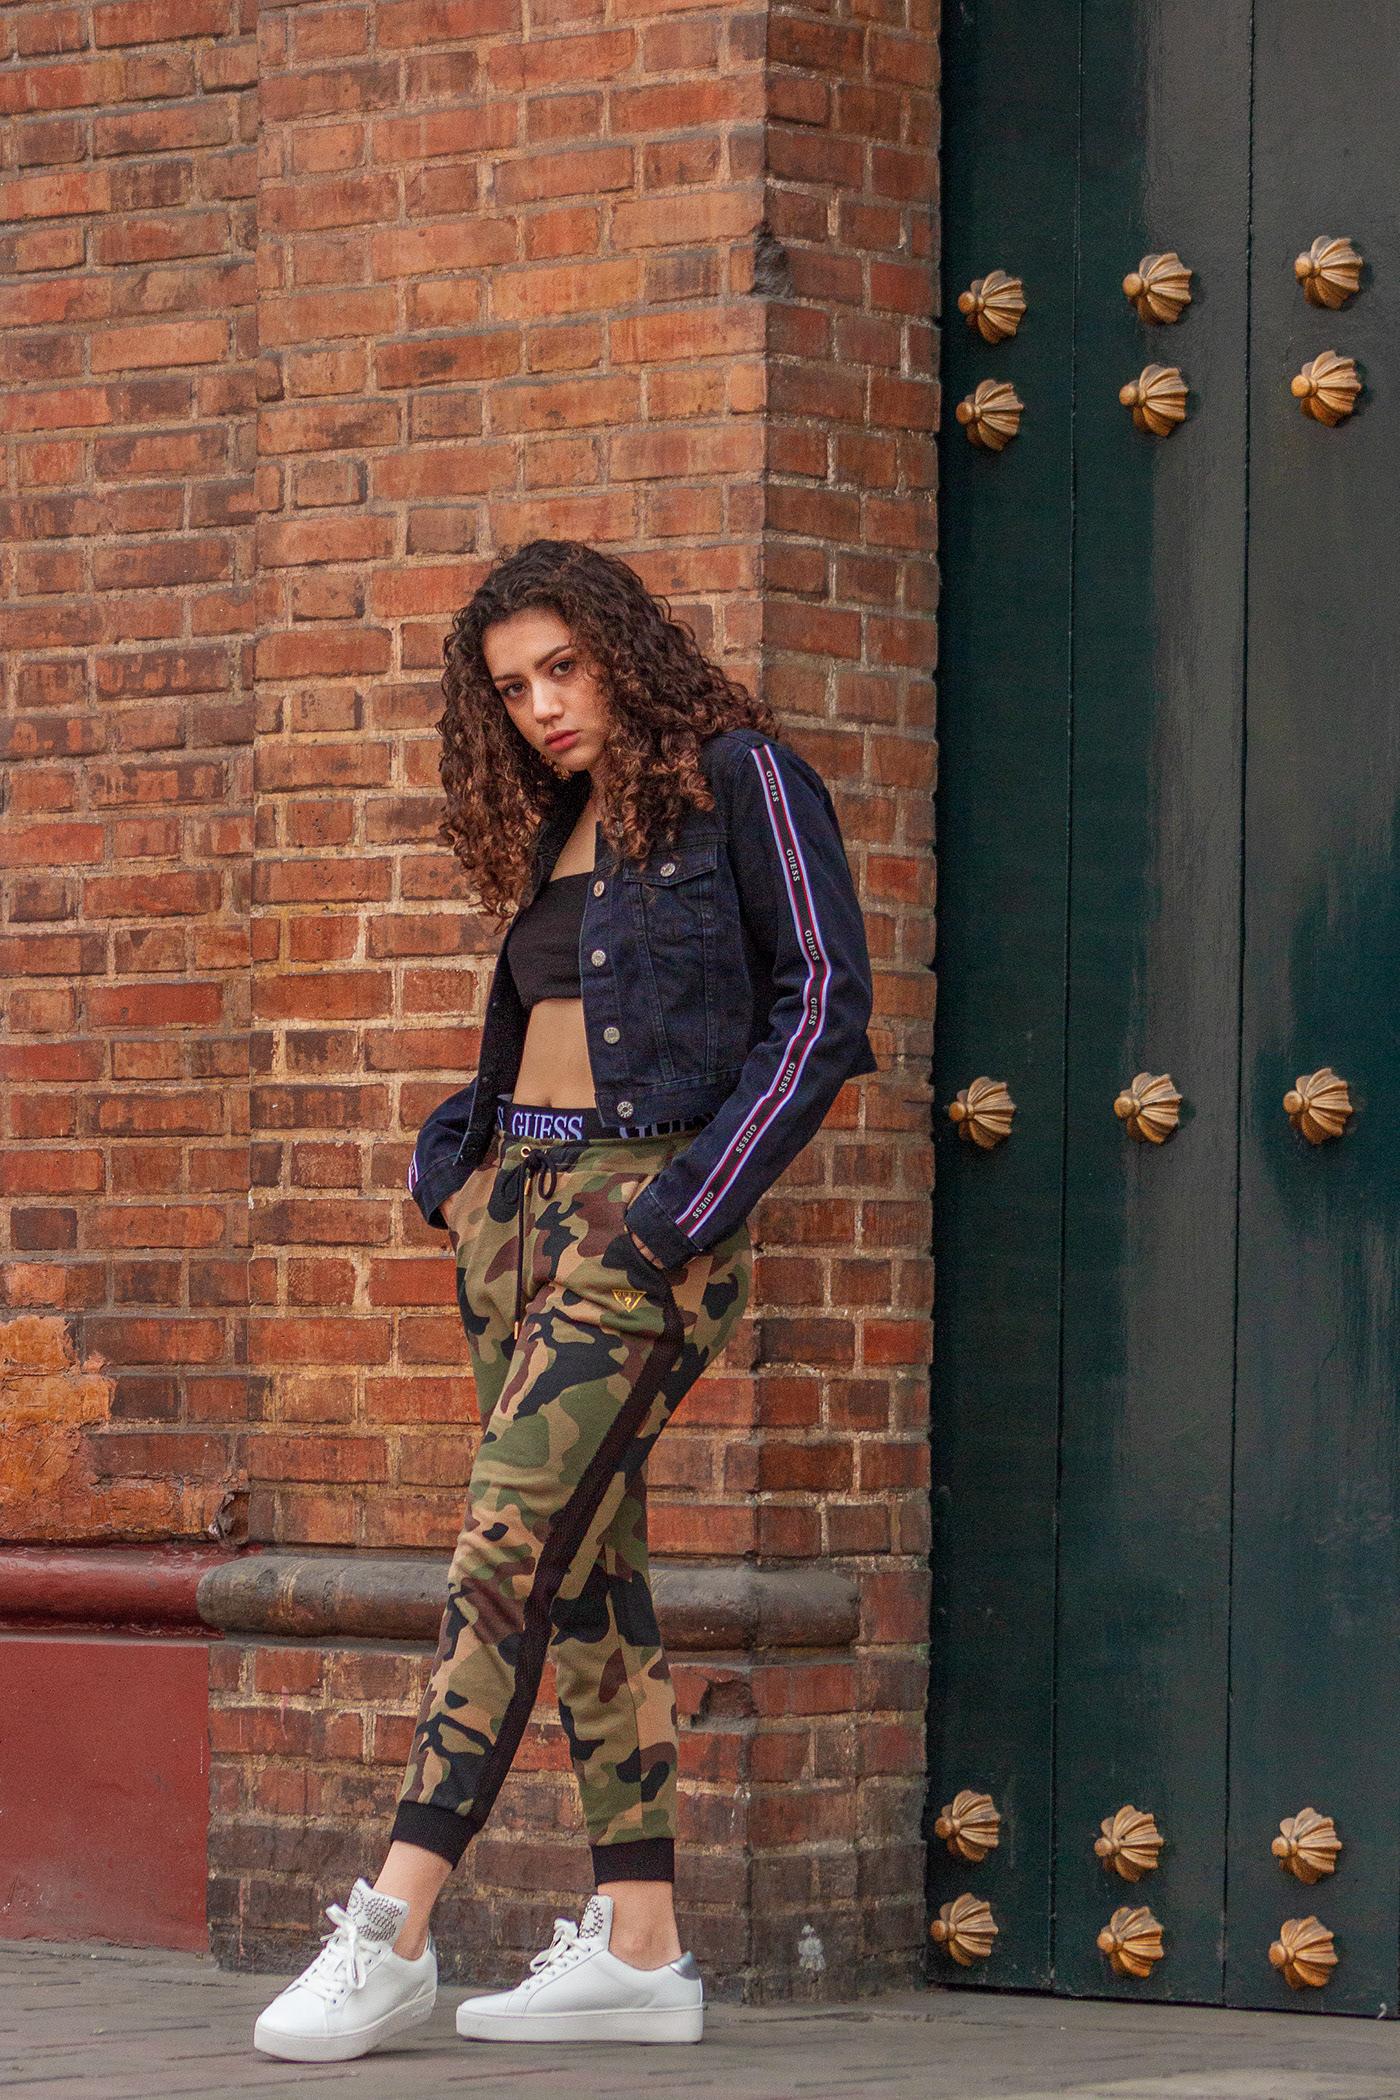 cannella e cioccolato cannella y cioccolato allvisuals Sesion de Fotos fotografia urbana urban style urban photography session urban american clothes